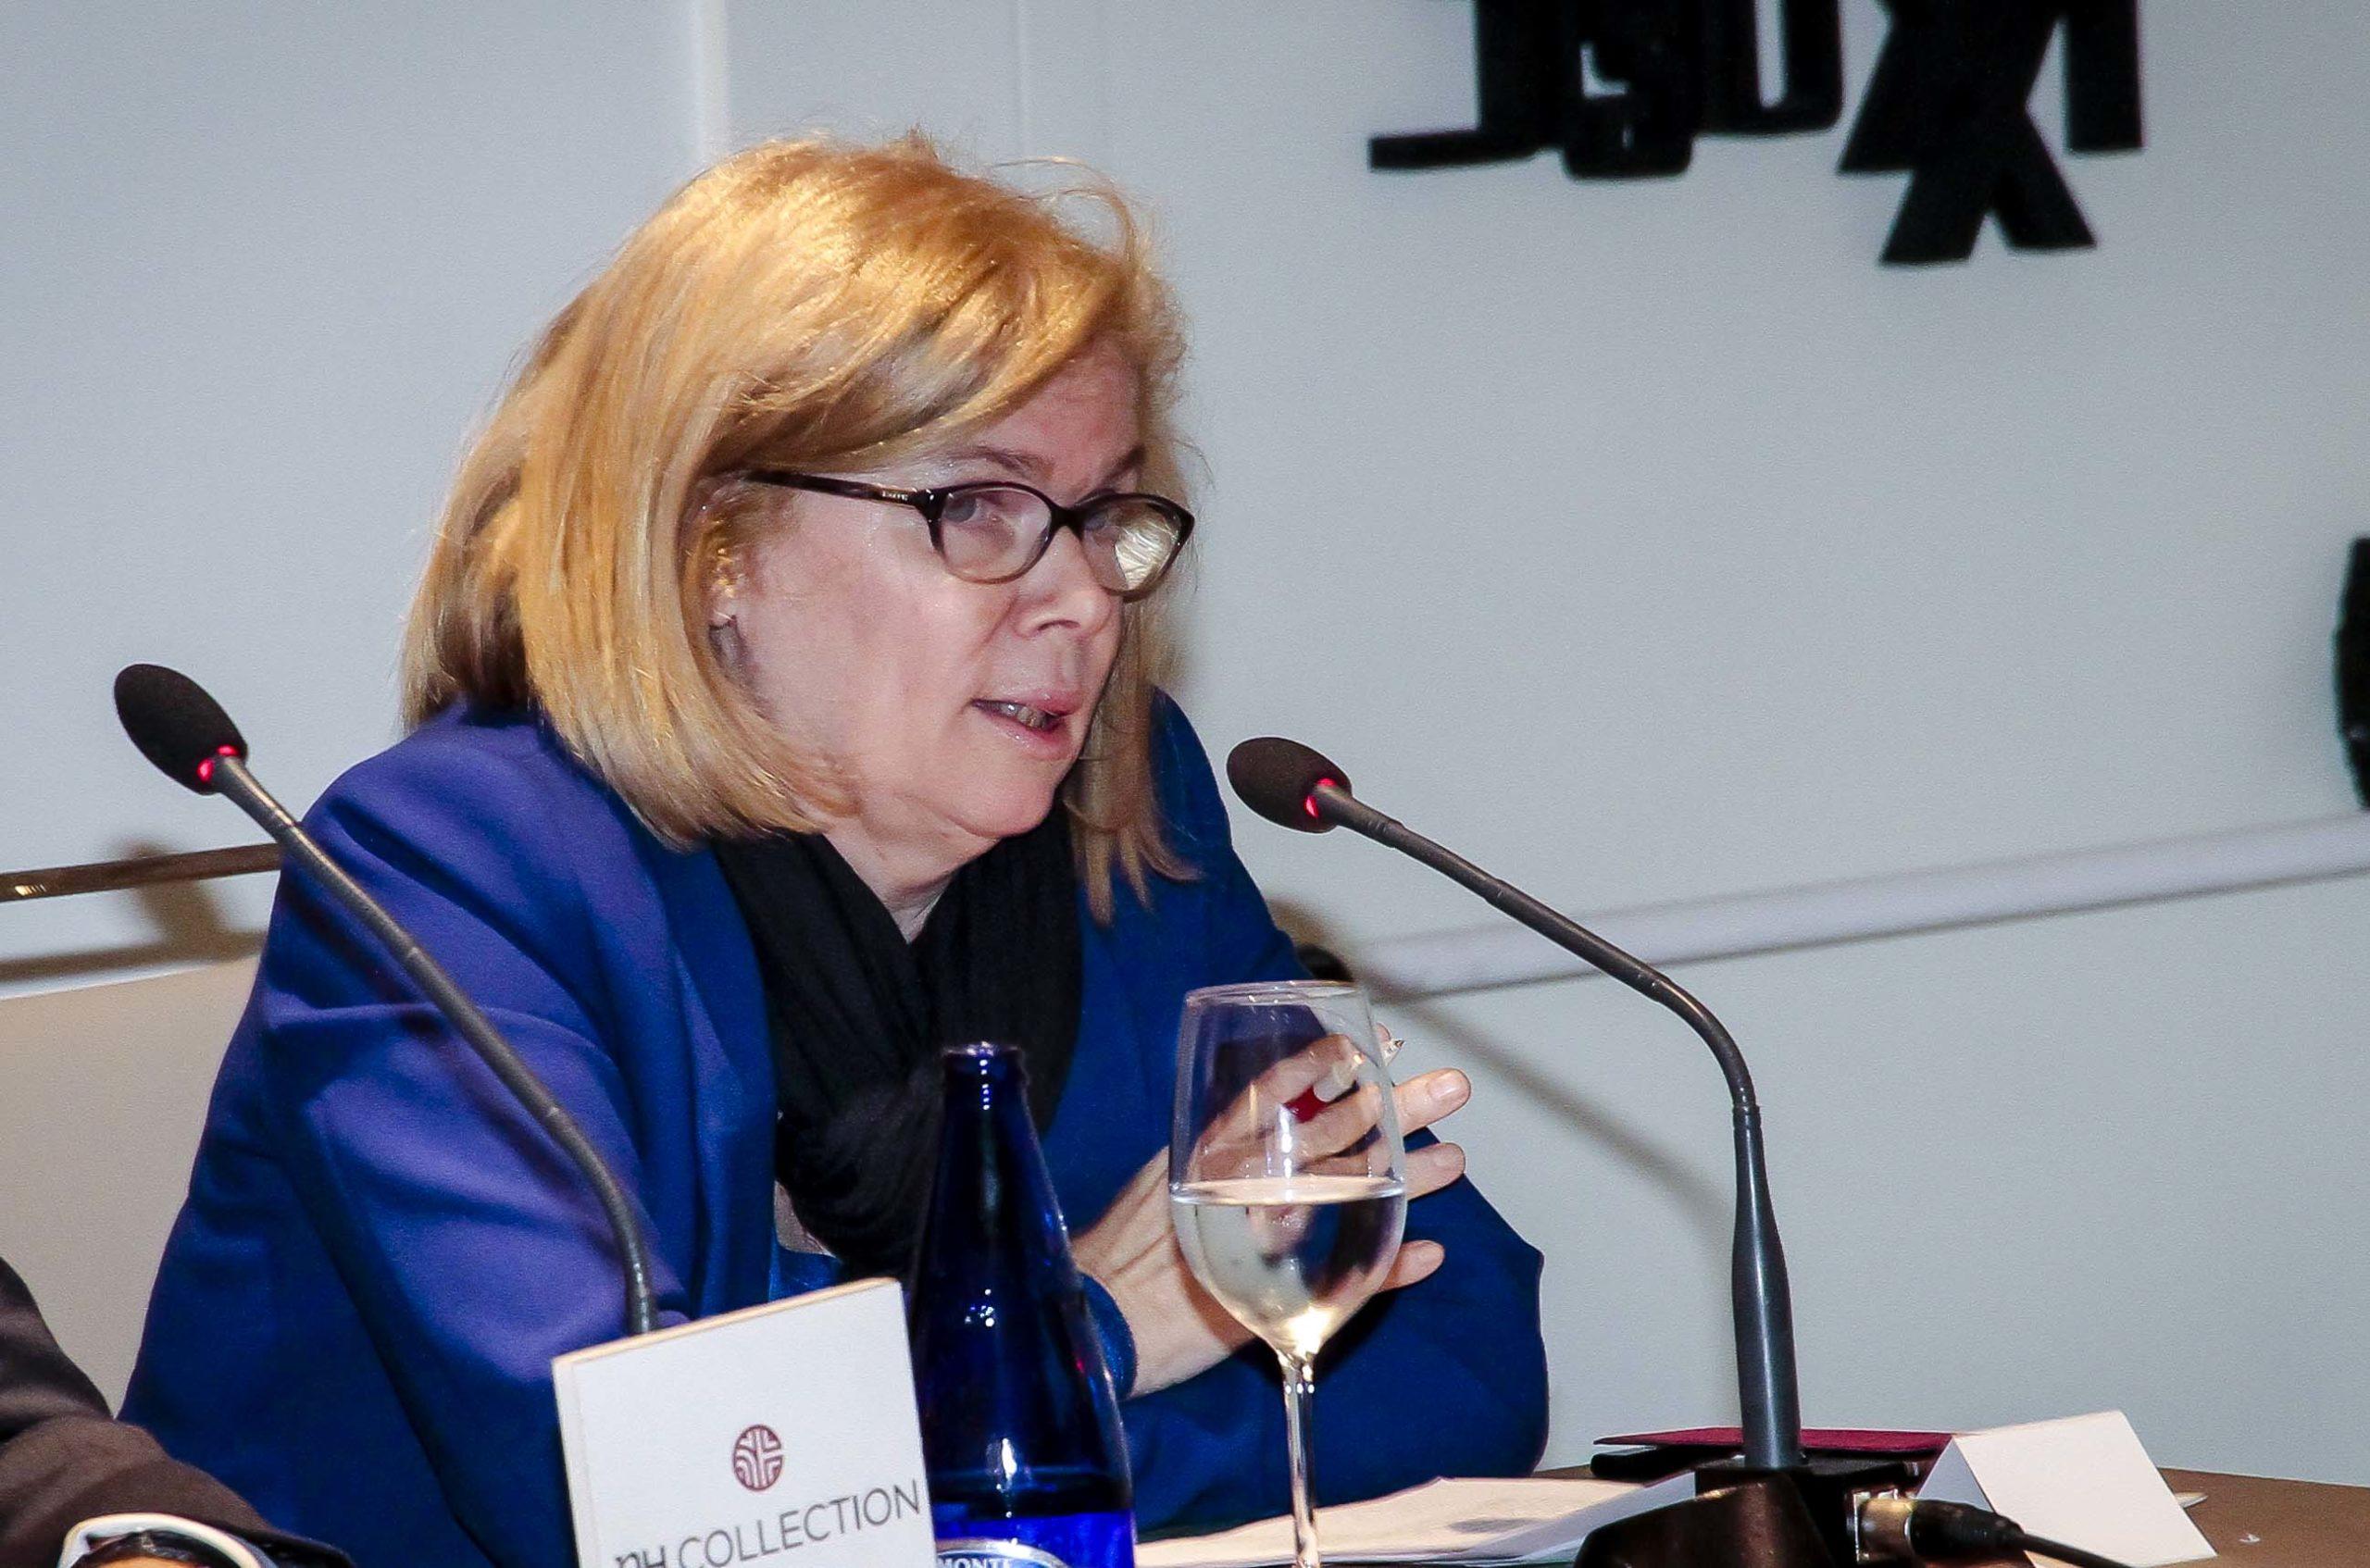 Elisa de la Nuez, secretaria general de la Fundación ¿Hay Derecho?, durante su intervención, que versó sobre la corrupción y su percepción en España. Confilegal.